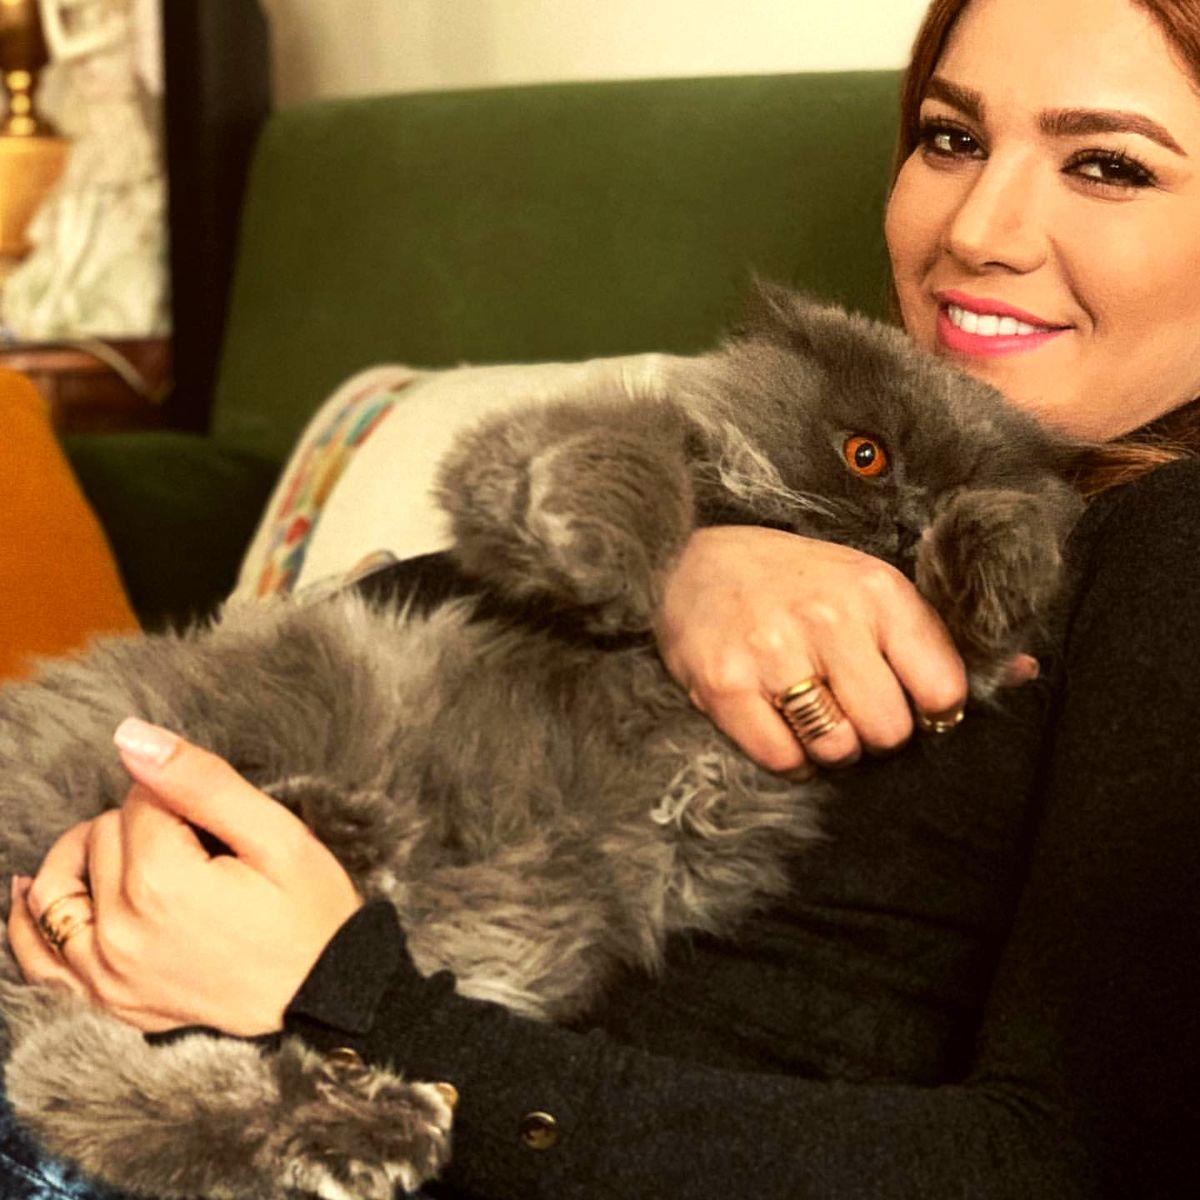 عکس جدید متین ستوده در کنار همسرش در طبیعت گردی / سلفی متین ستوده